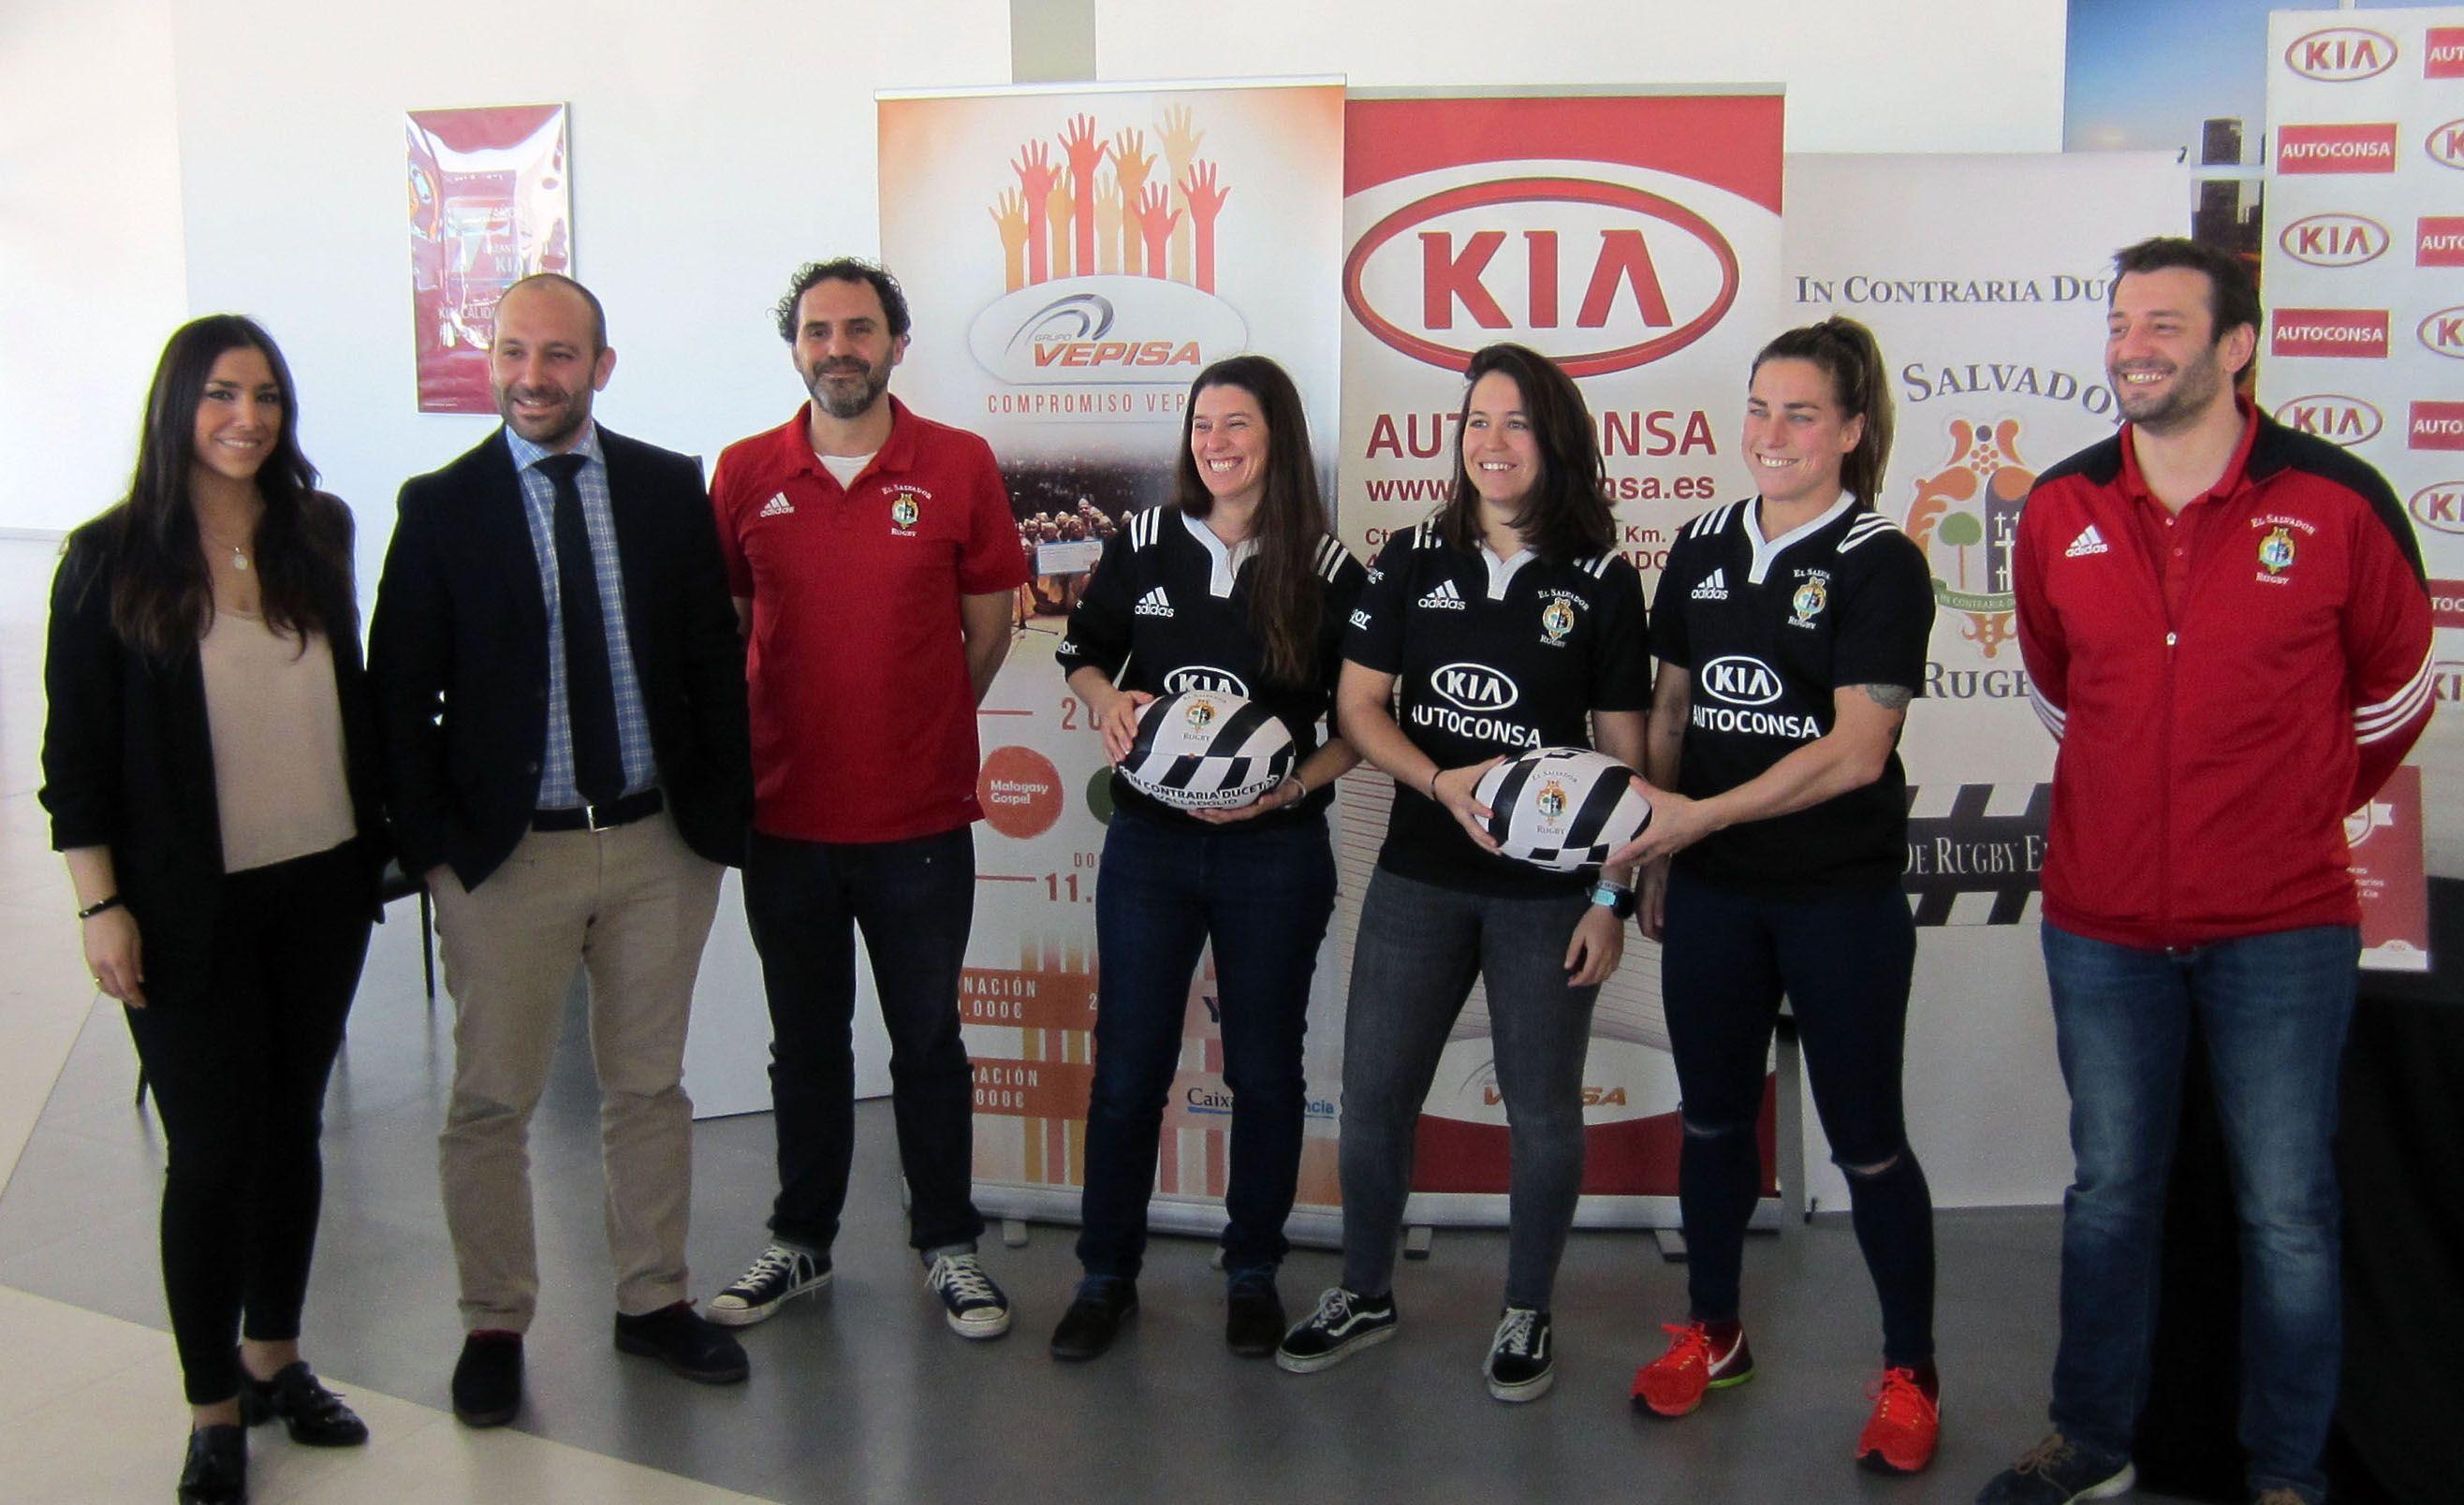 Autoconsa con el Equipo de Rugby Femenino El Salvador